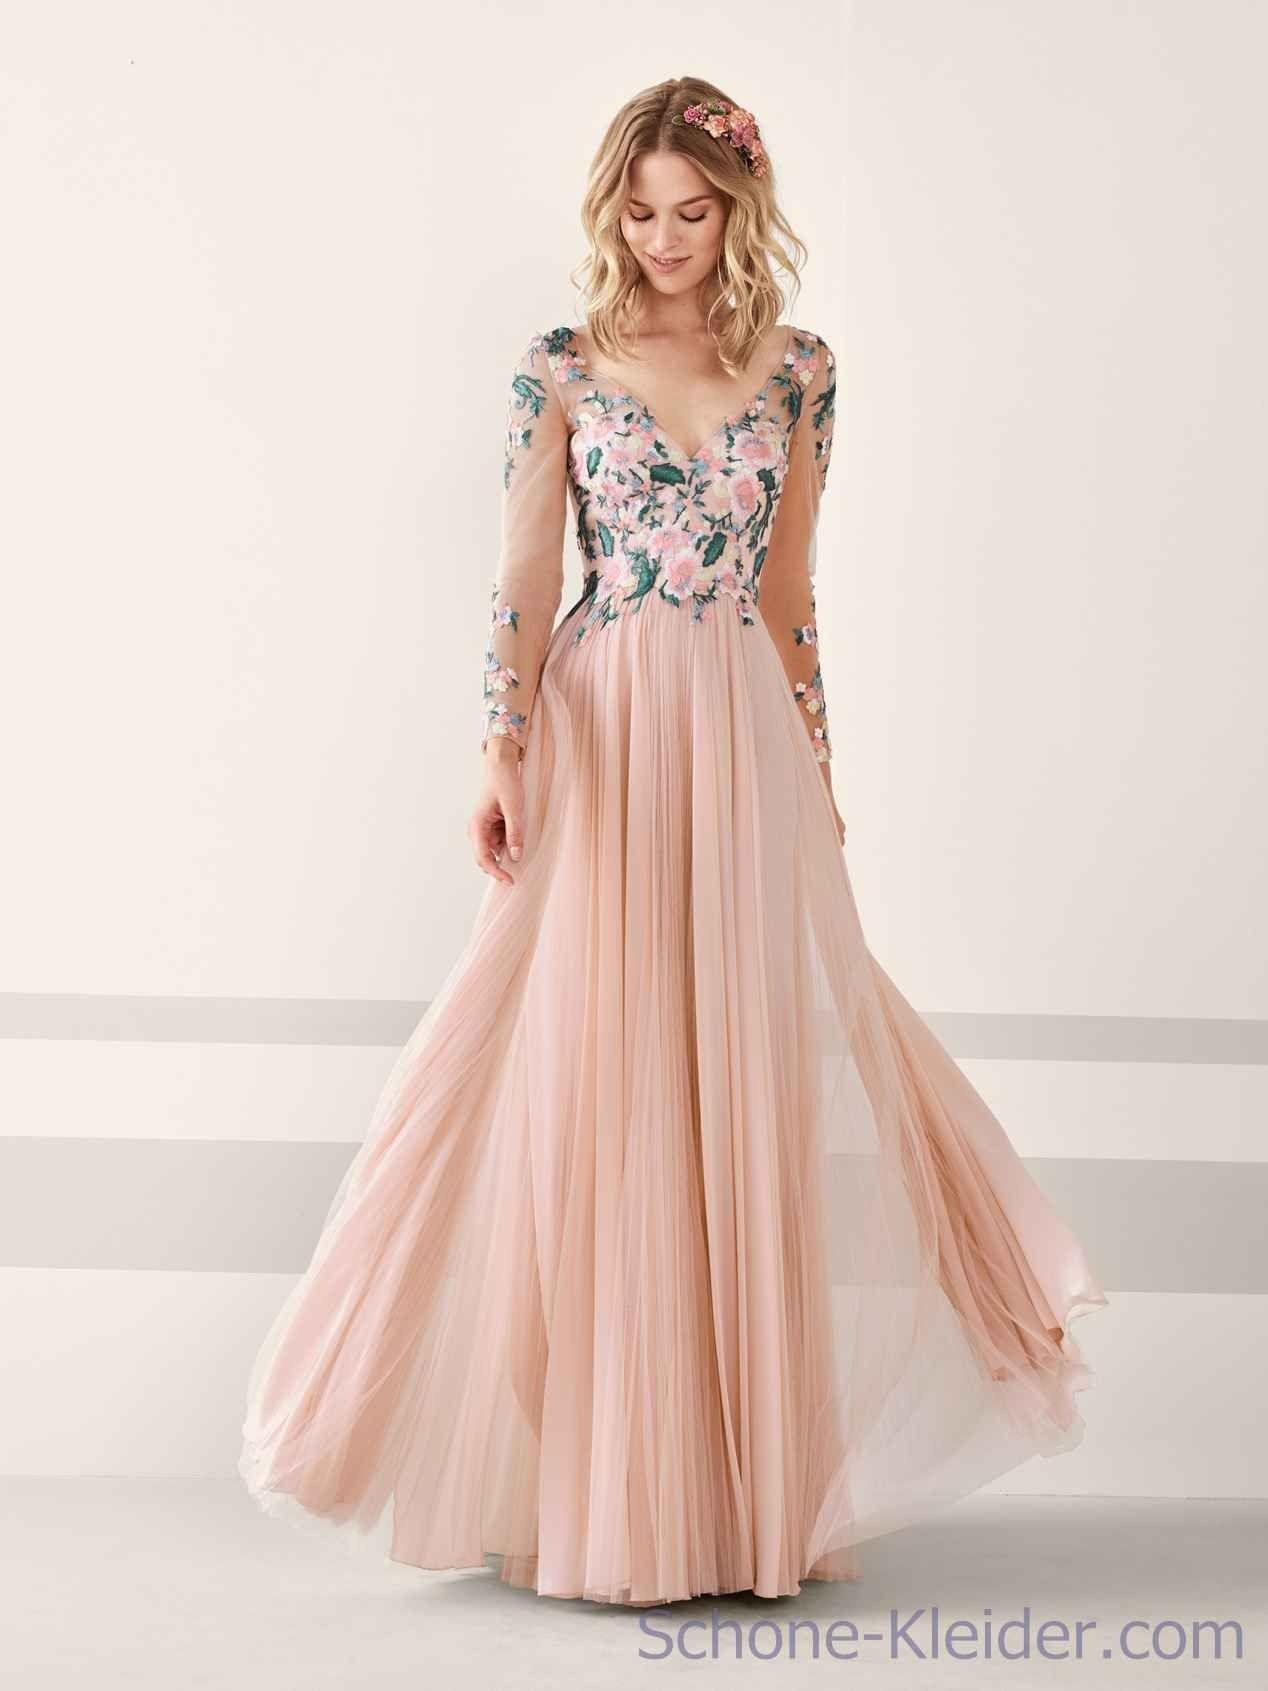 13 Fantastisch Abendkleider Festliche Abendbekleidung Boutique17 Perfekt Abendkleider Festliche Abendbekleidung Spezialgebiet